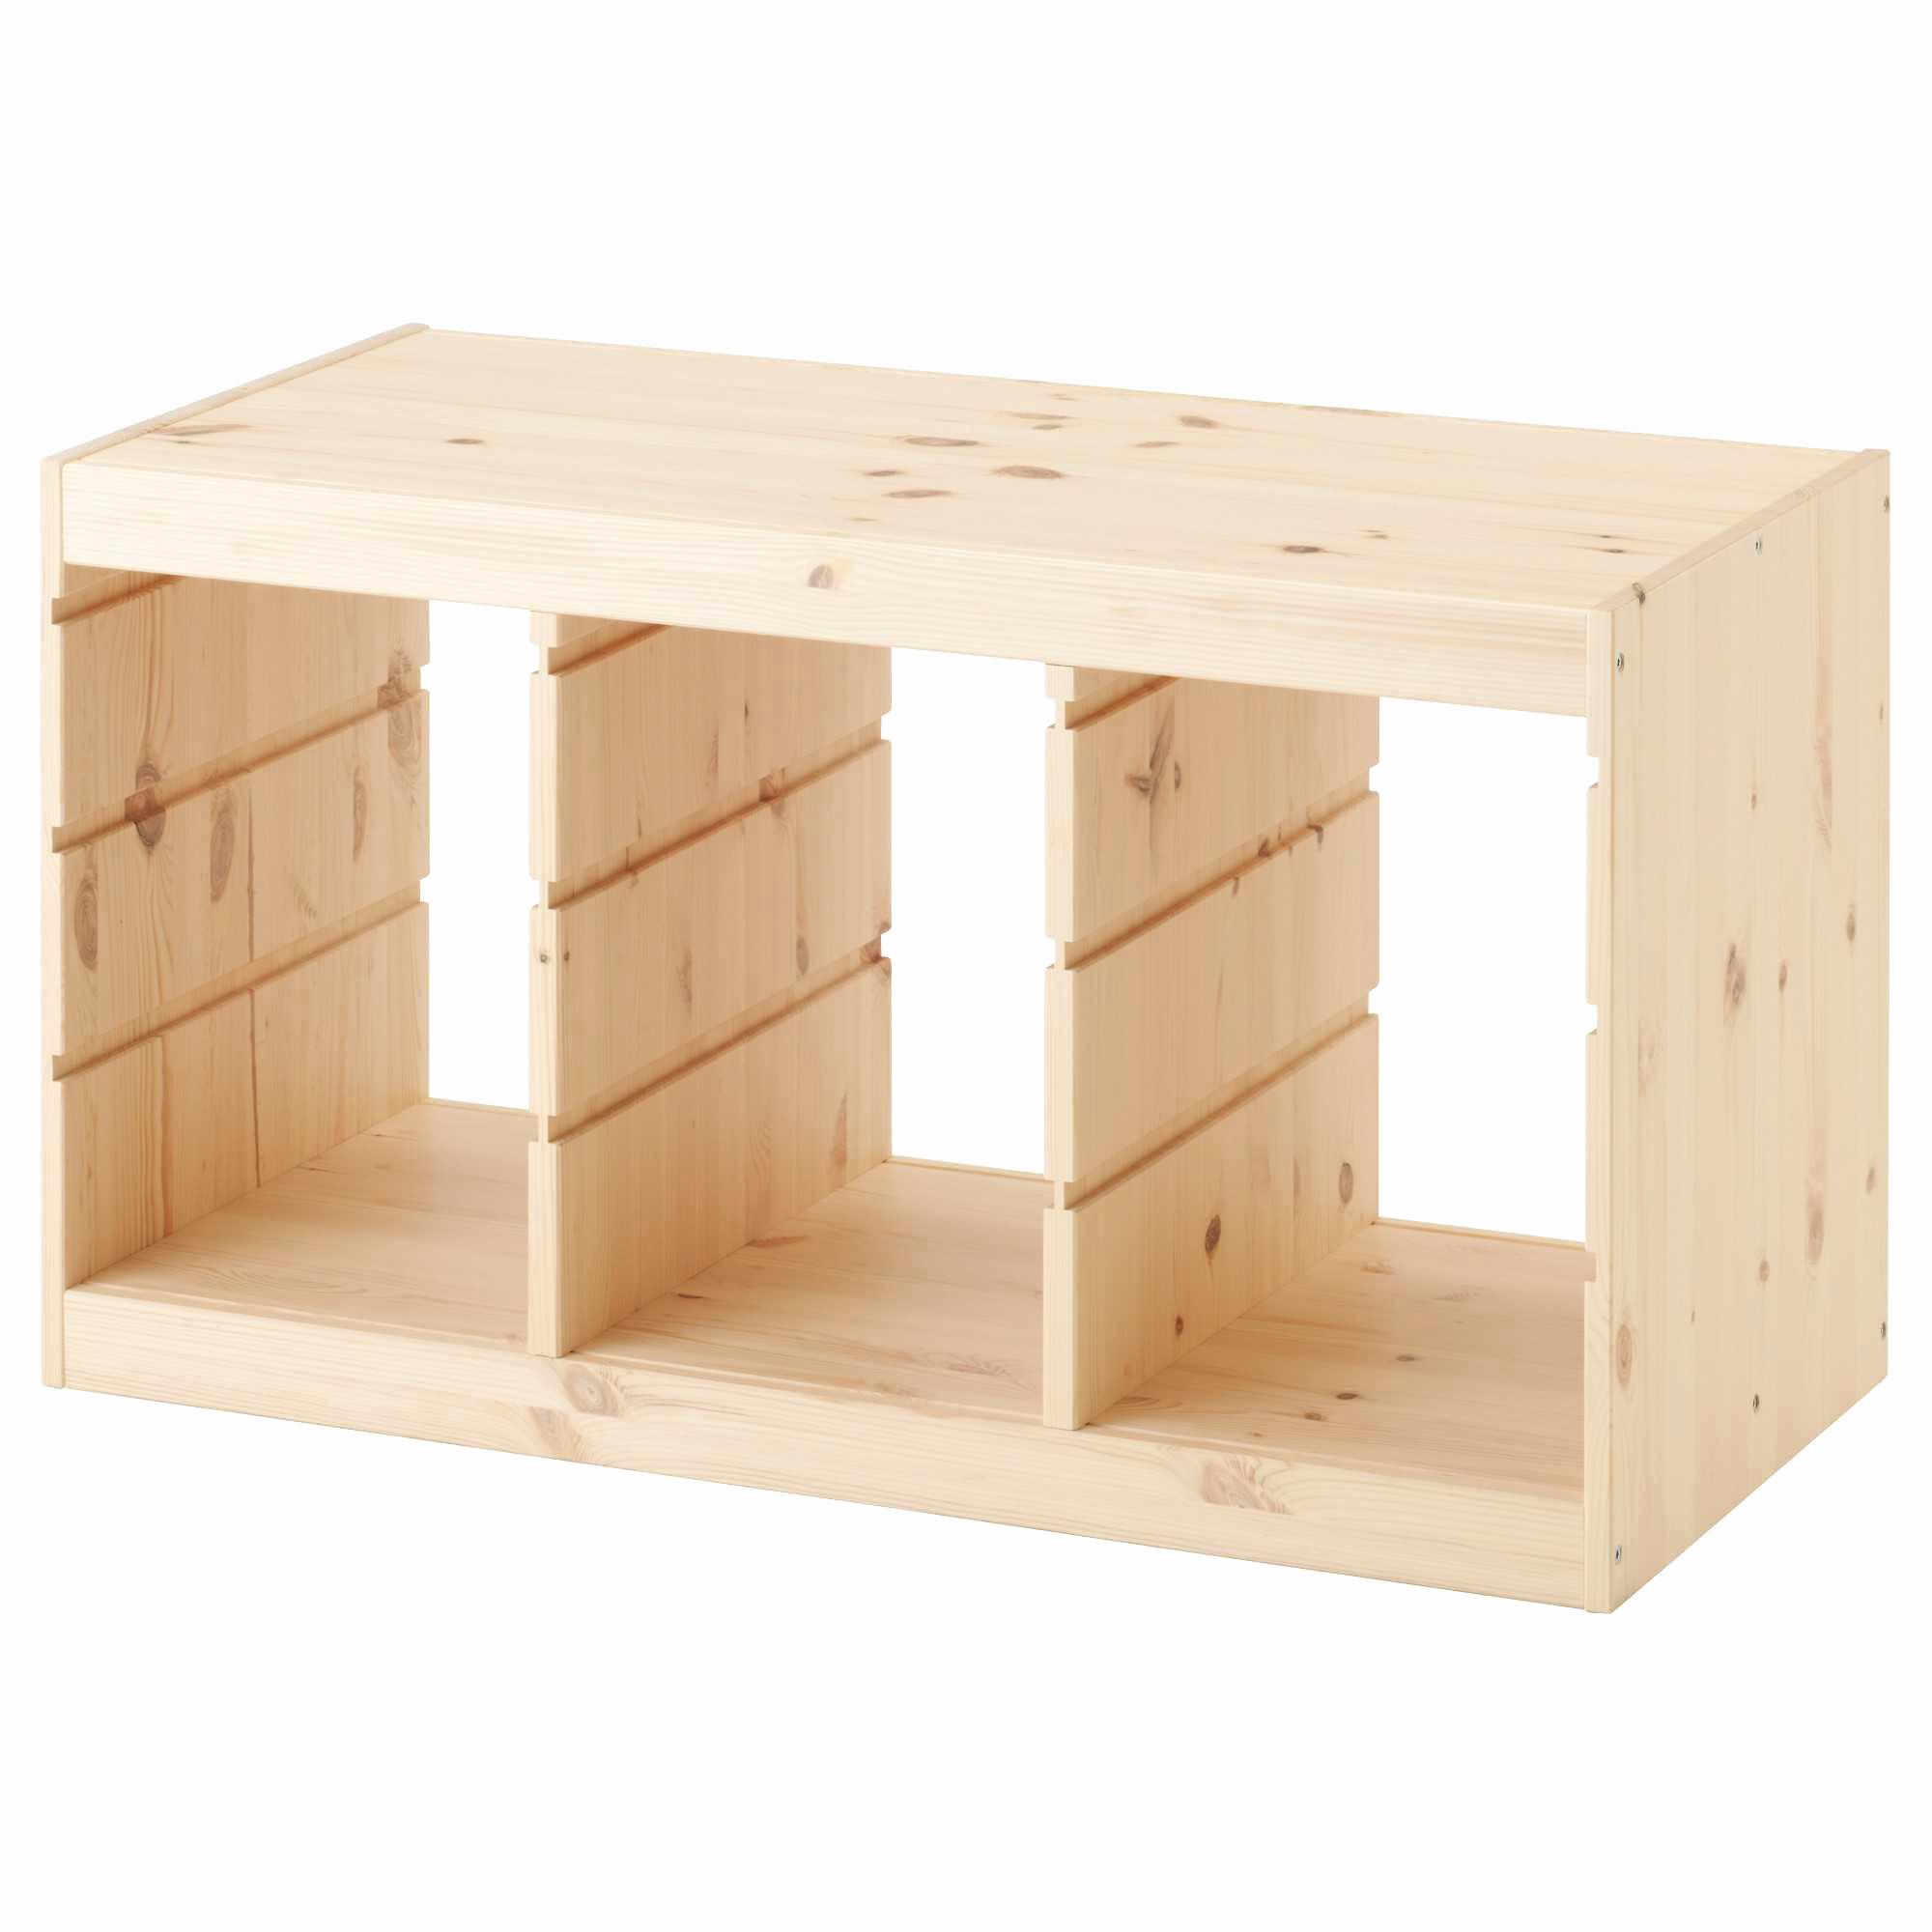 Coffre A Jouet En Bois Ikea Impressionnant Stock Coffre Jouet Bois Ikea Meilleur De Meuble Rangement Pour Jouets